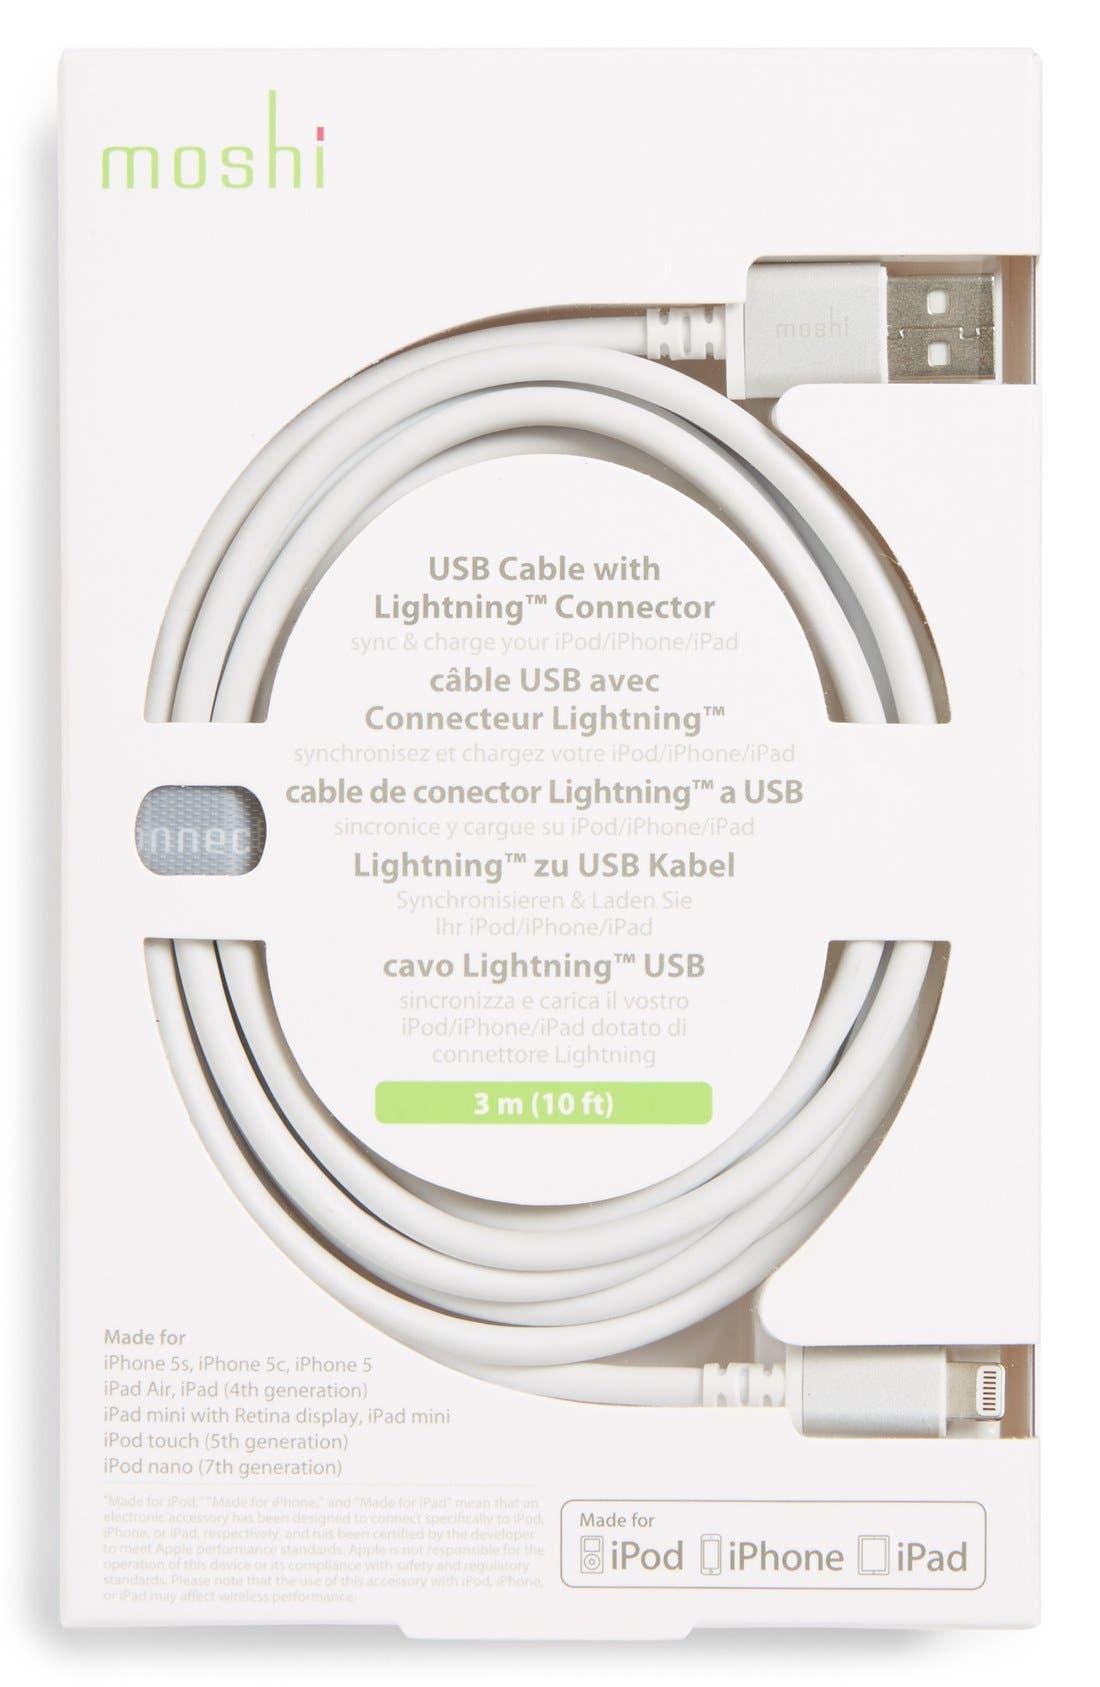 MOSHI Lightning<sup>™</sup> USB Cable